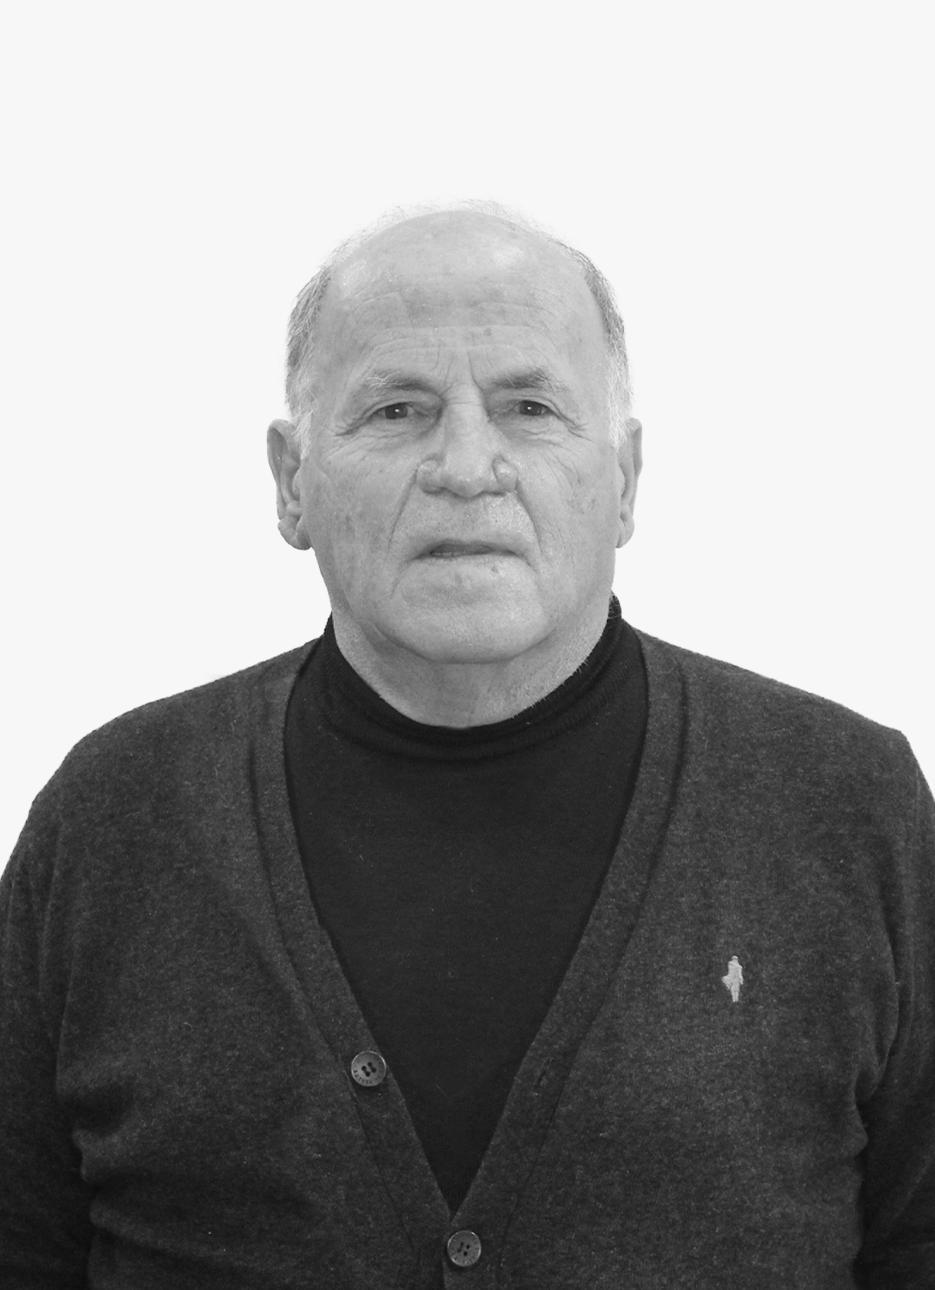 Fabiano CHIARUCCI